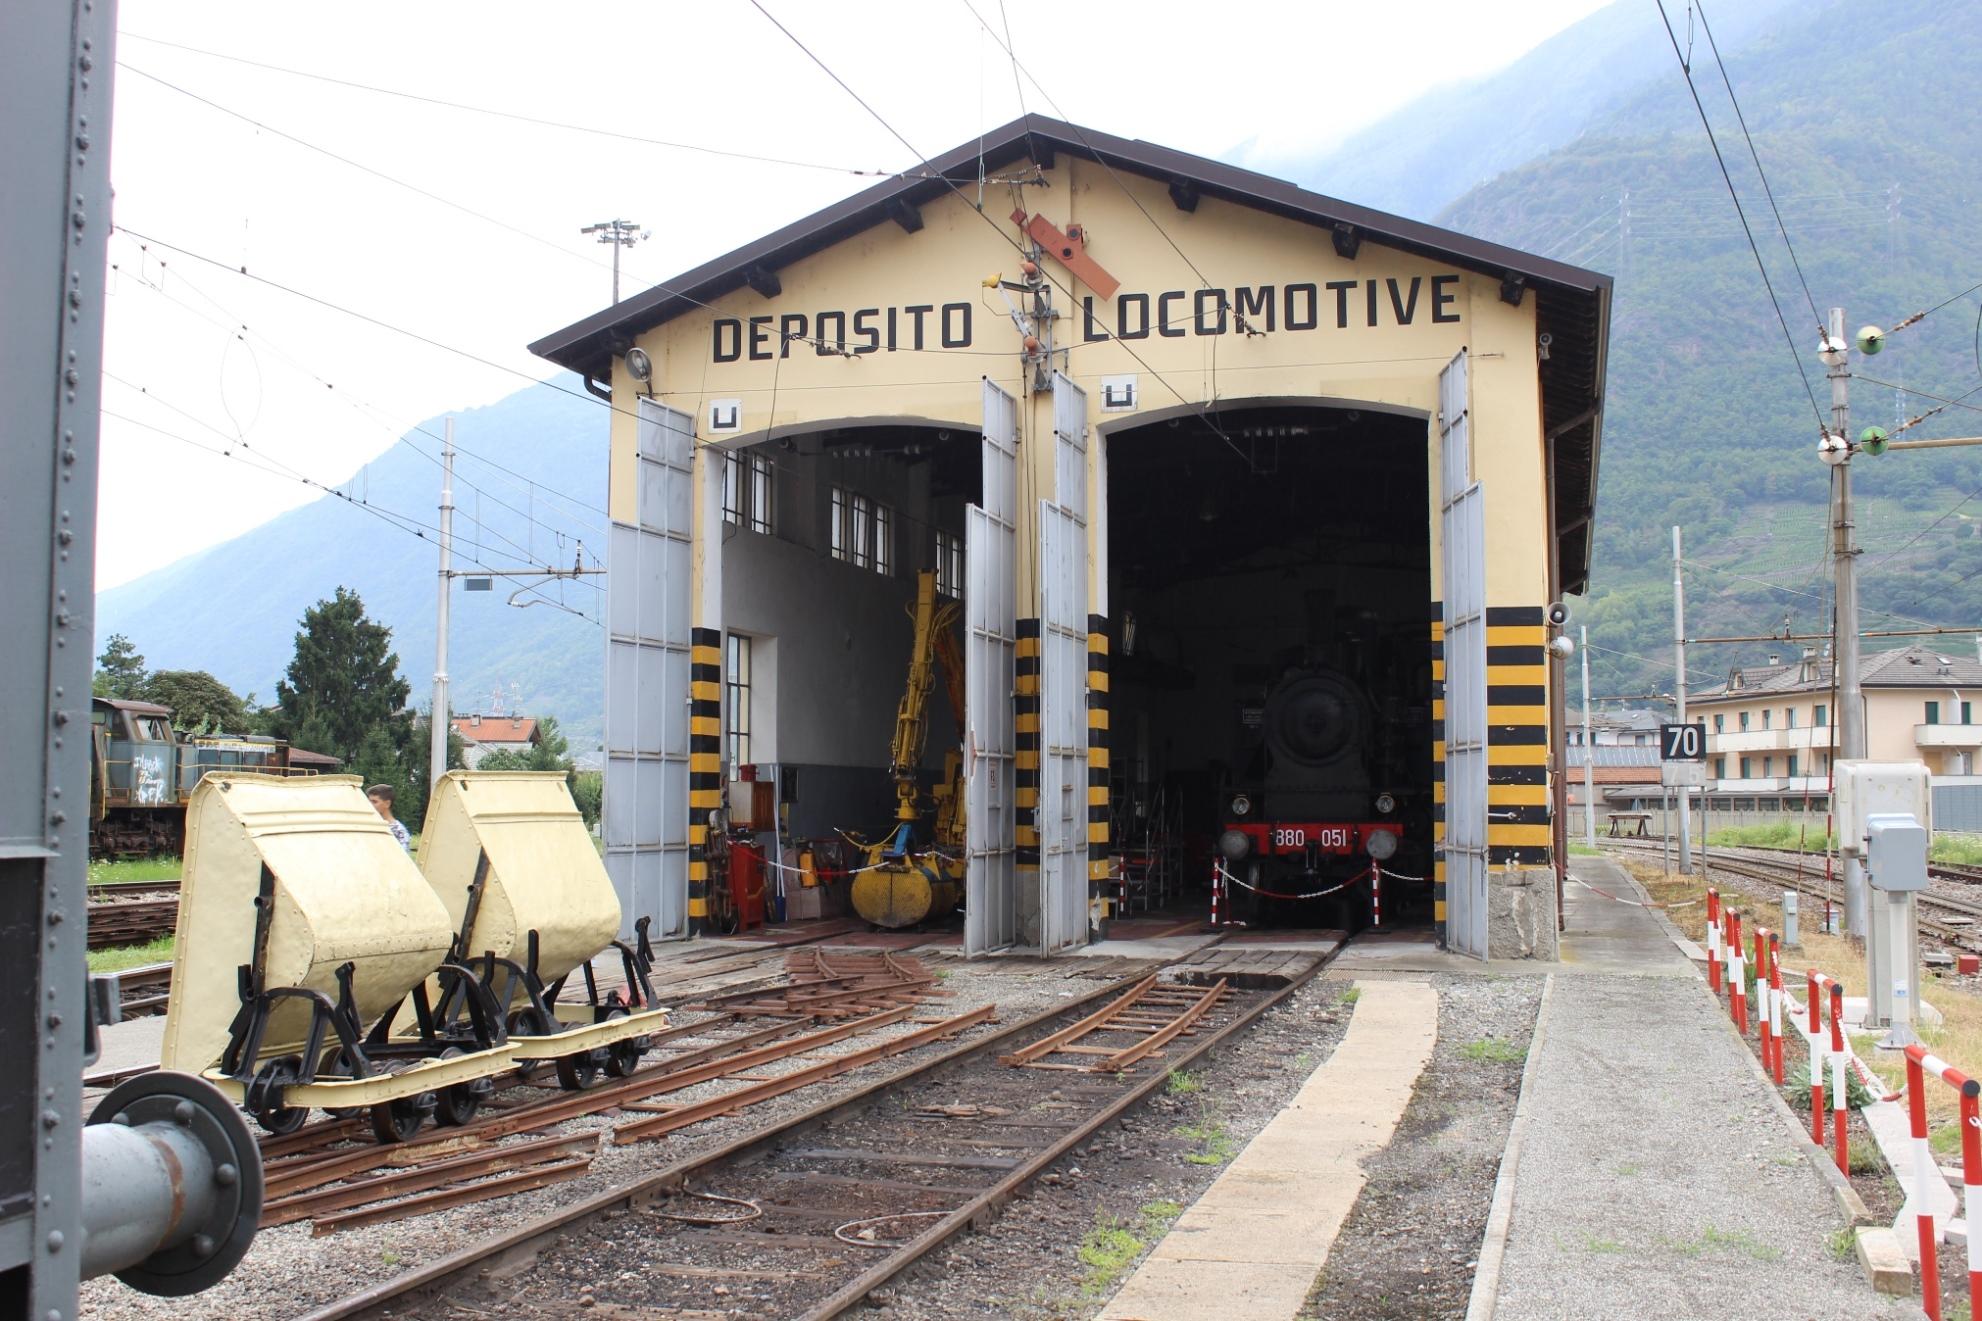 Il Jazz Express... e il Porte Aperte... a Tirano